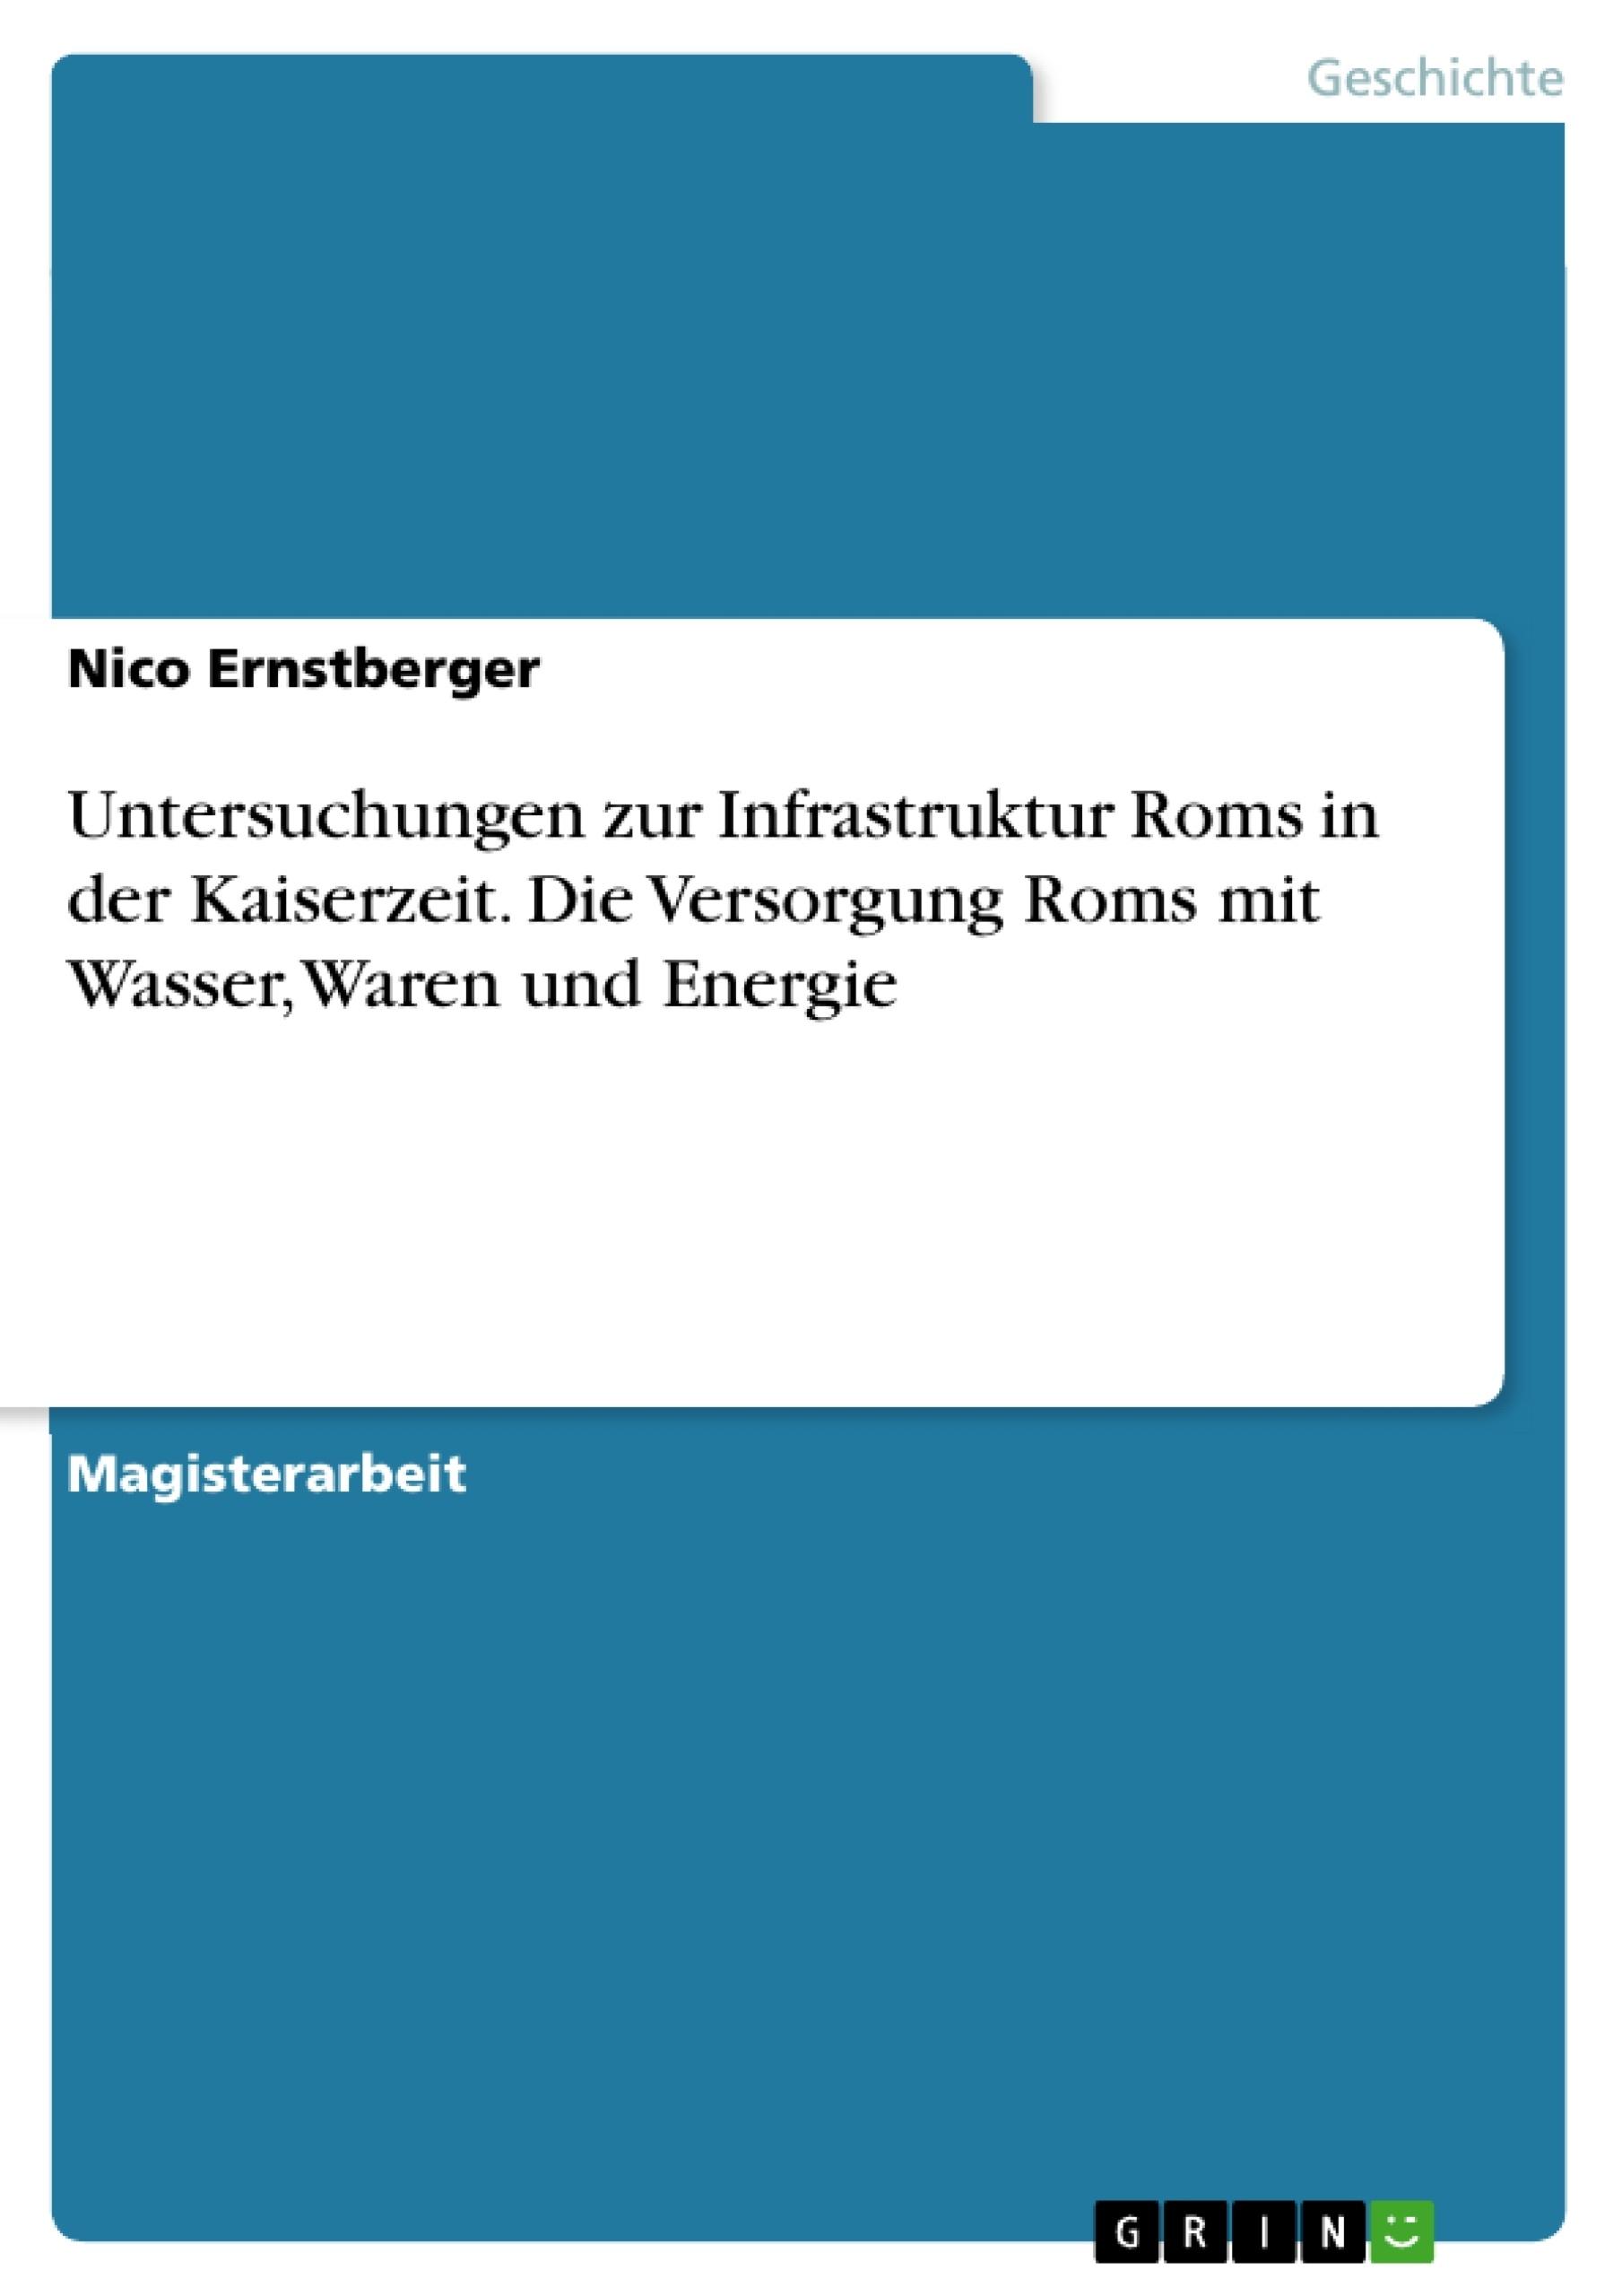 Titel: Untersuchungen zur Infrastruktur Roms in der Kaiserzeit. Die Versorgung Roms mit Wasser, Waren und Energie